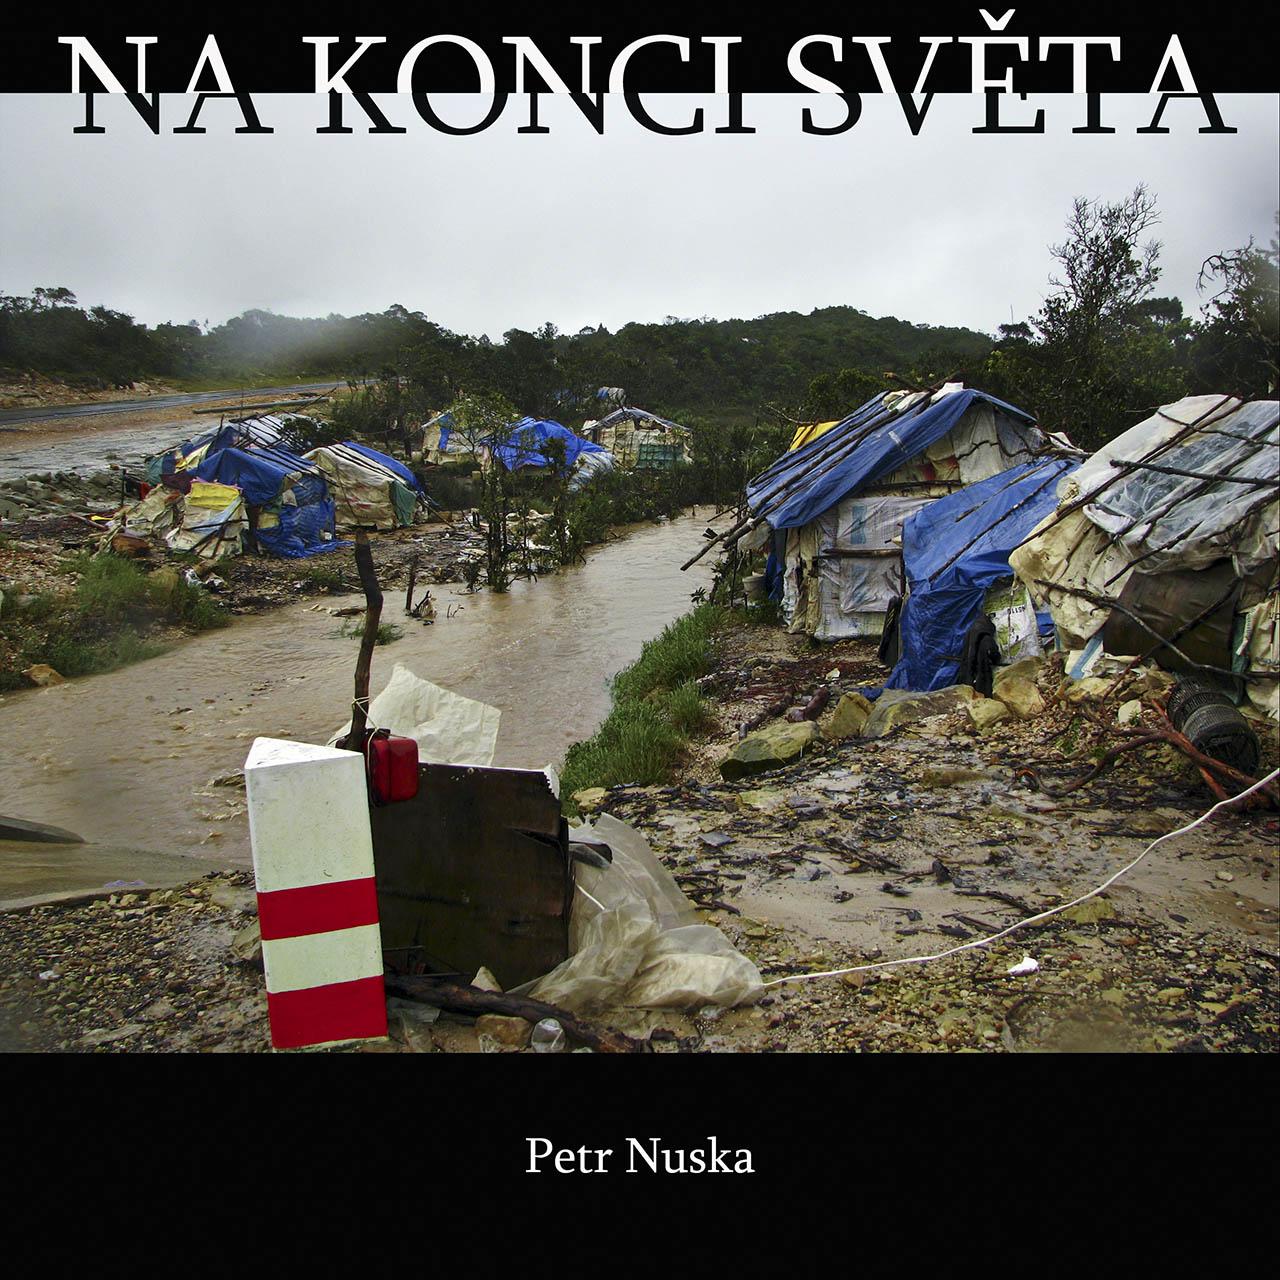 Následující galerie => Bokor : Na konci světa (reportáž) // Petr Nuska - Fotografie  - woreshack.cz